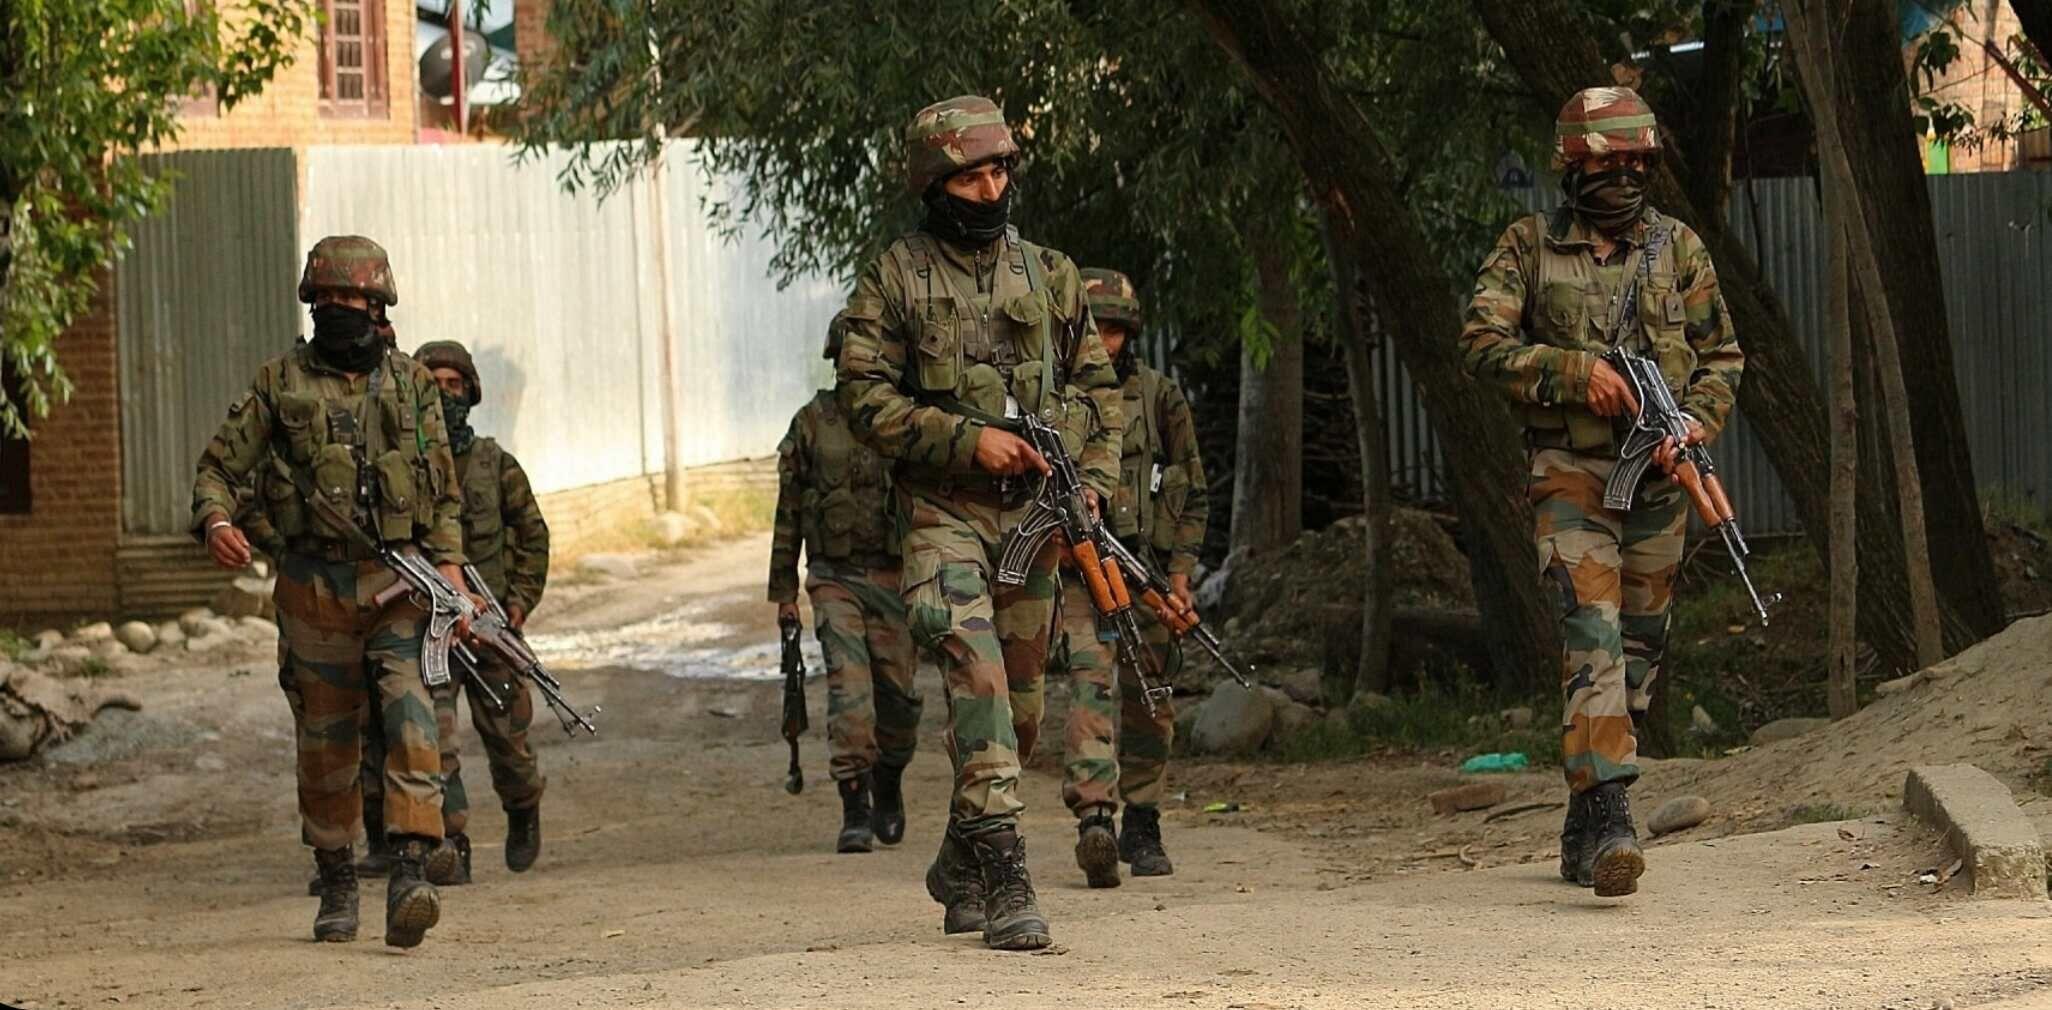 कश्मीर में सुरक्षाबलों से मुठभेड़ में 4 आतंकवादी मारे गए